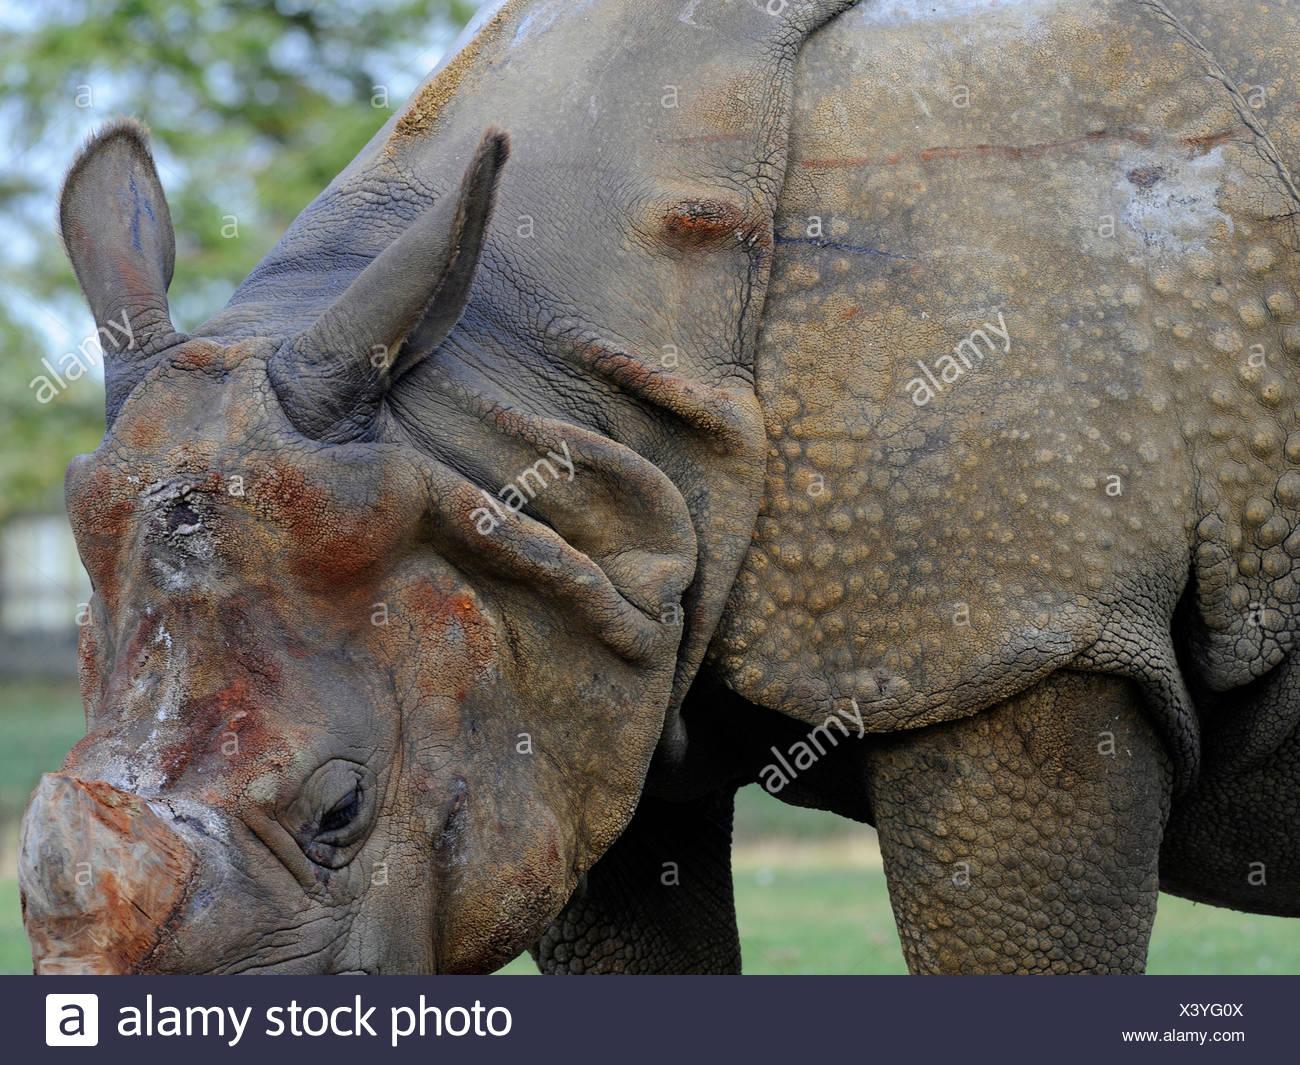 Un rinoceronte, cubierto en armadura plating Imagen De Stock